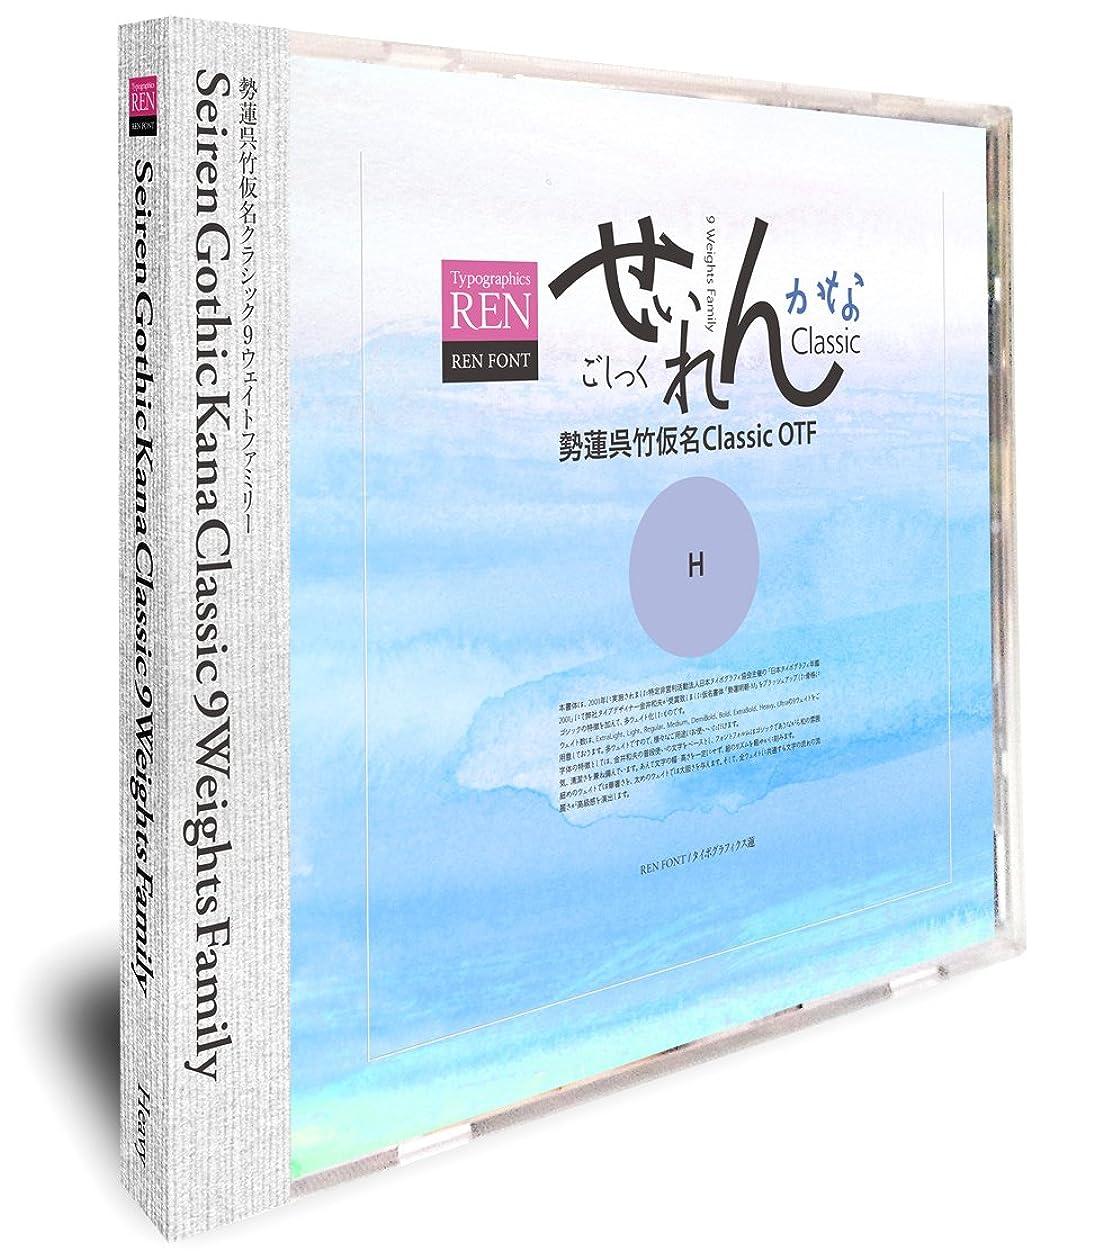 博物館抗議ヒールゴシックを感じさせない優雅さを持つフォント、勢蓮呉竹仮名ClassicOTF-H Mac